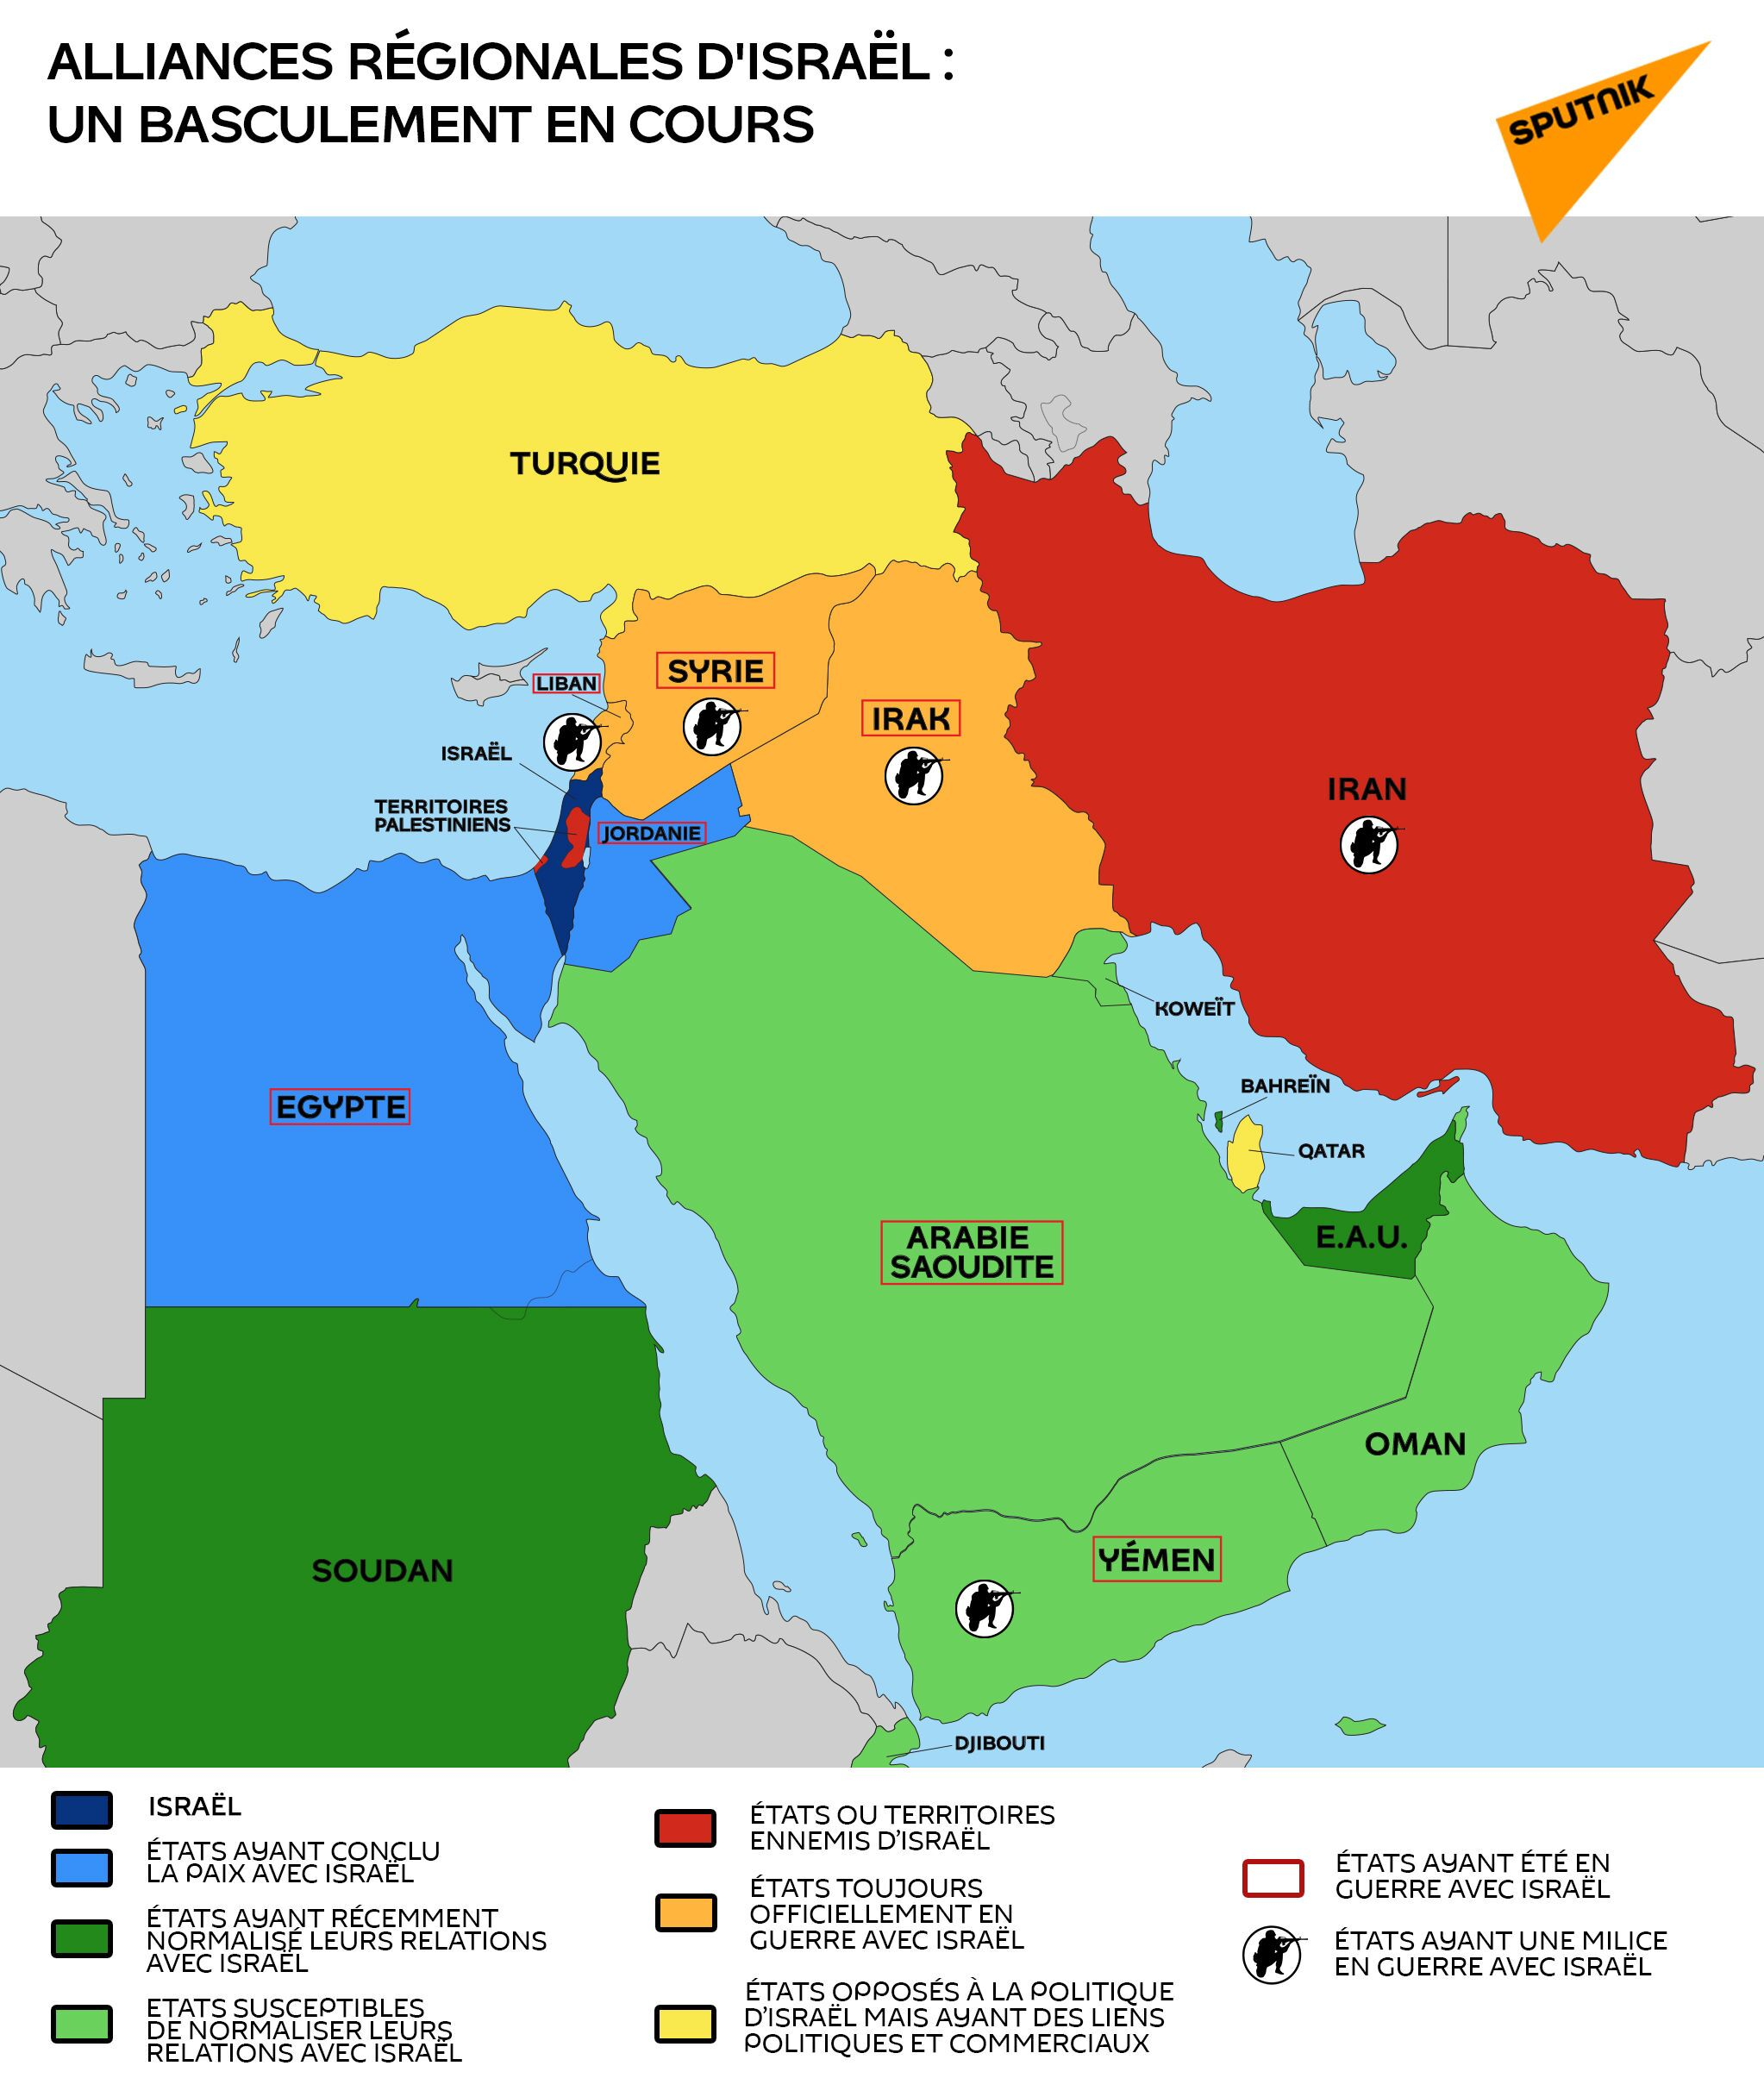 Alliances régionales d'Israël : un basculement en cours